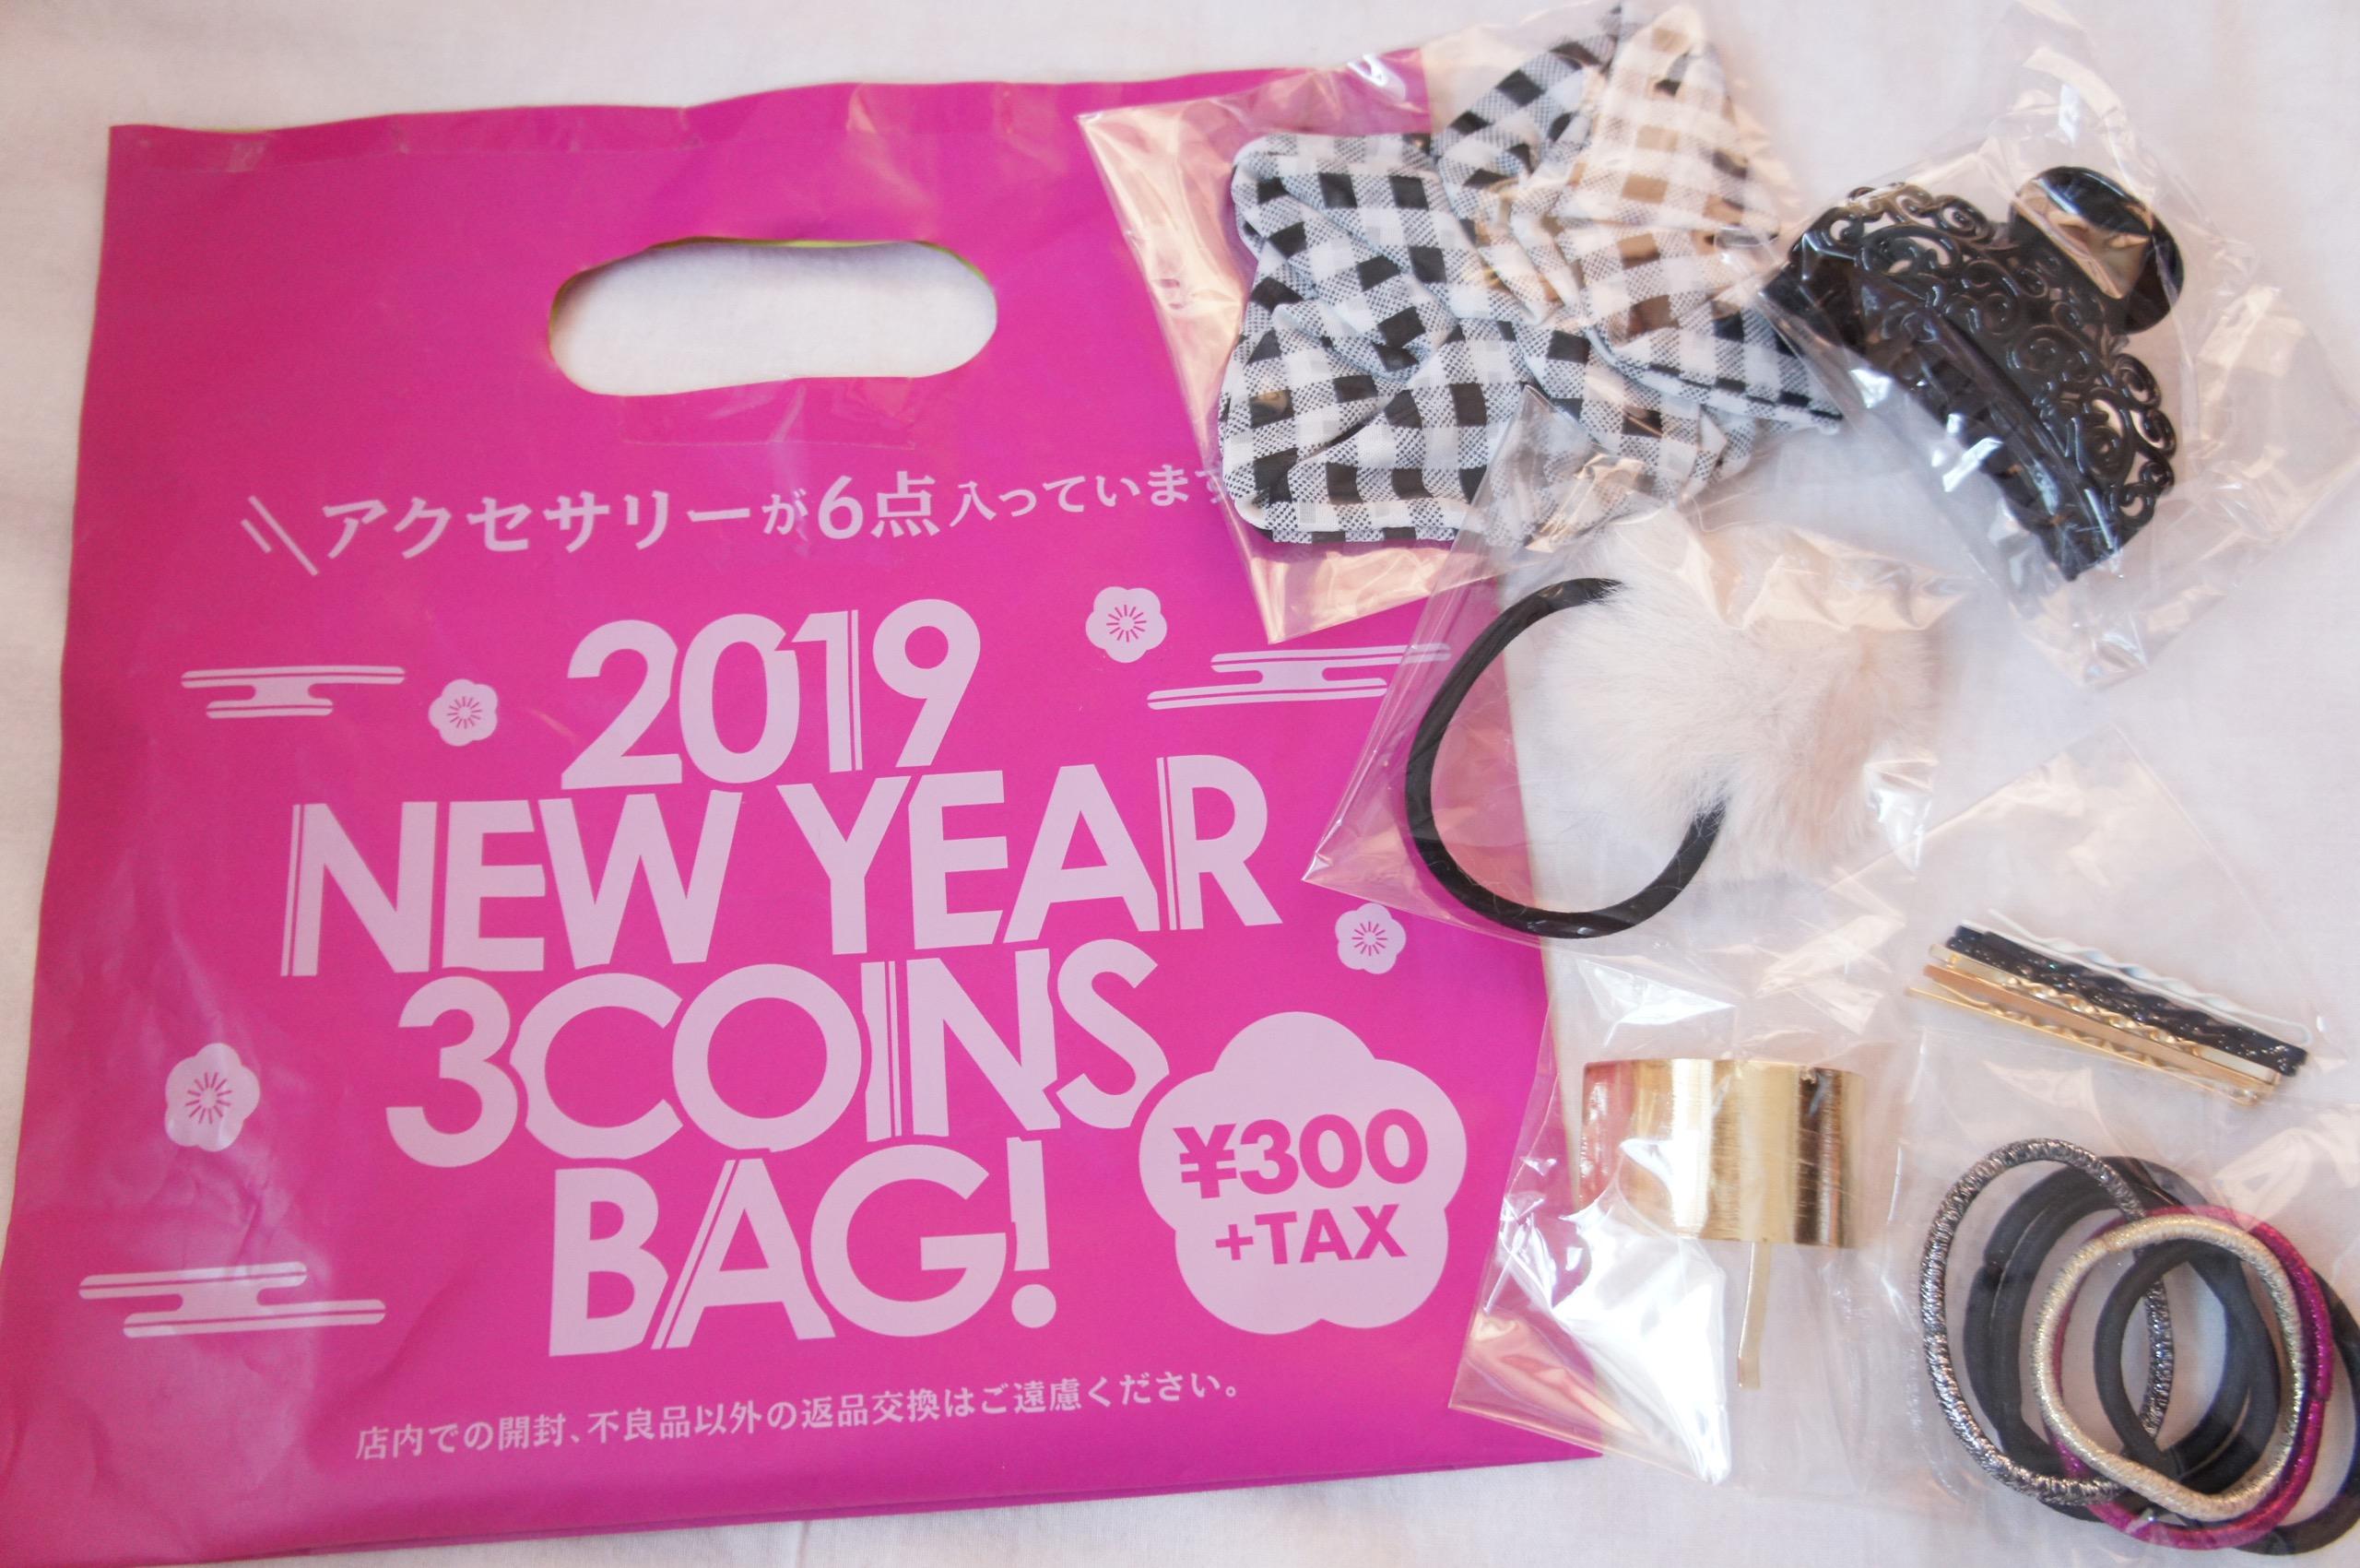 《衝撃価格¥324!》【3COINS】アクセサリー福袋2019❤️の中身をチェック☝︎❤︎_3